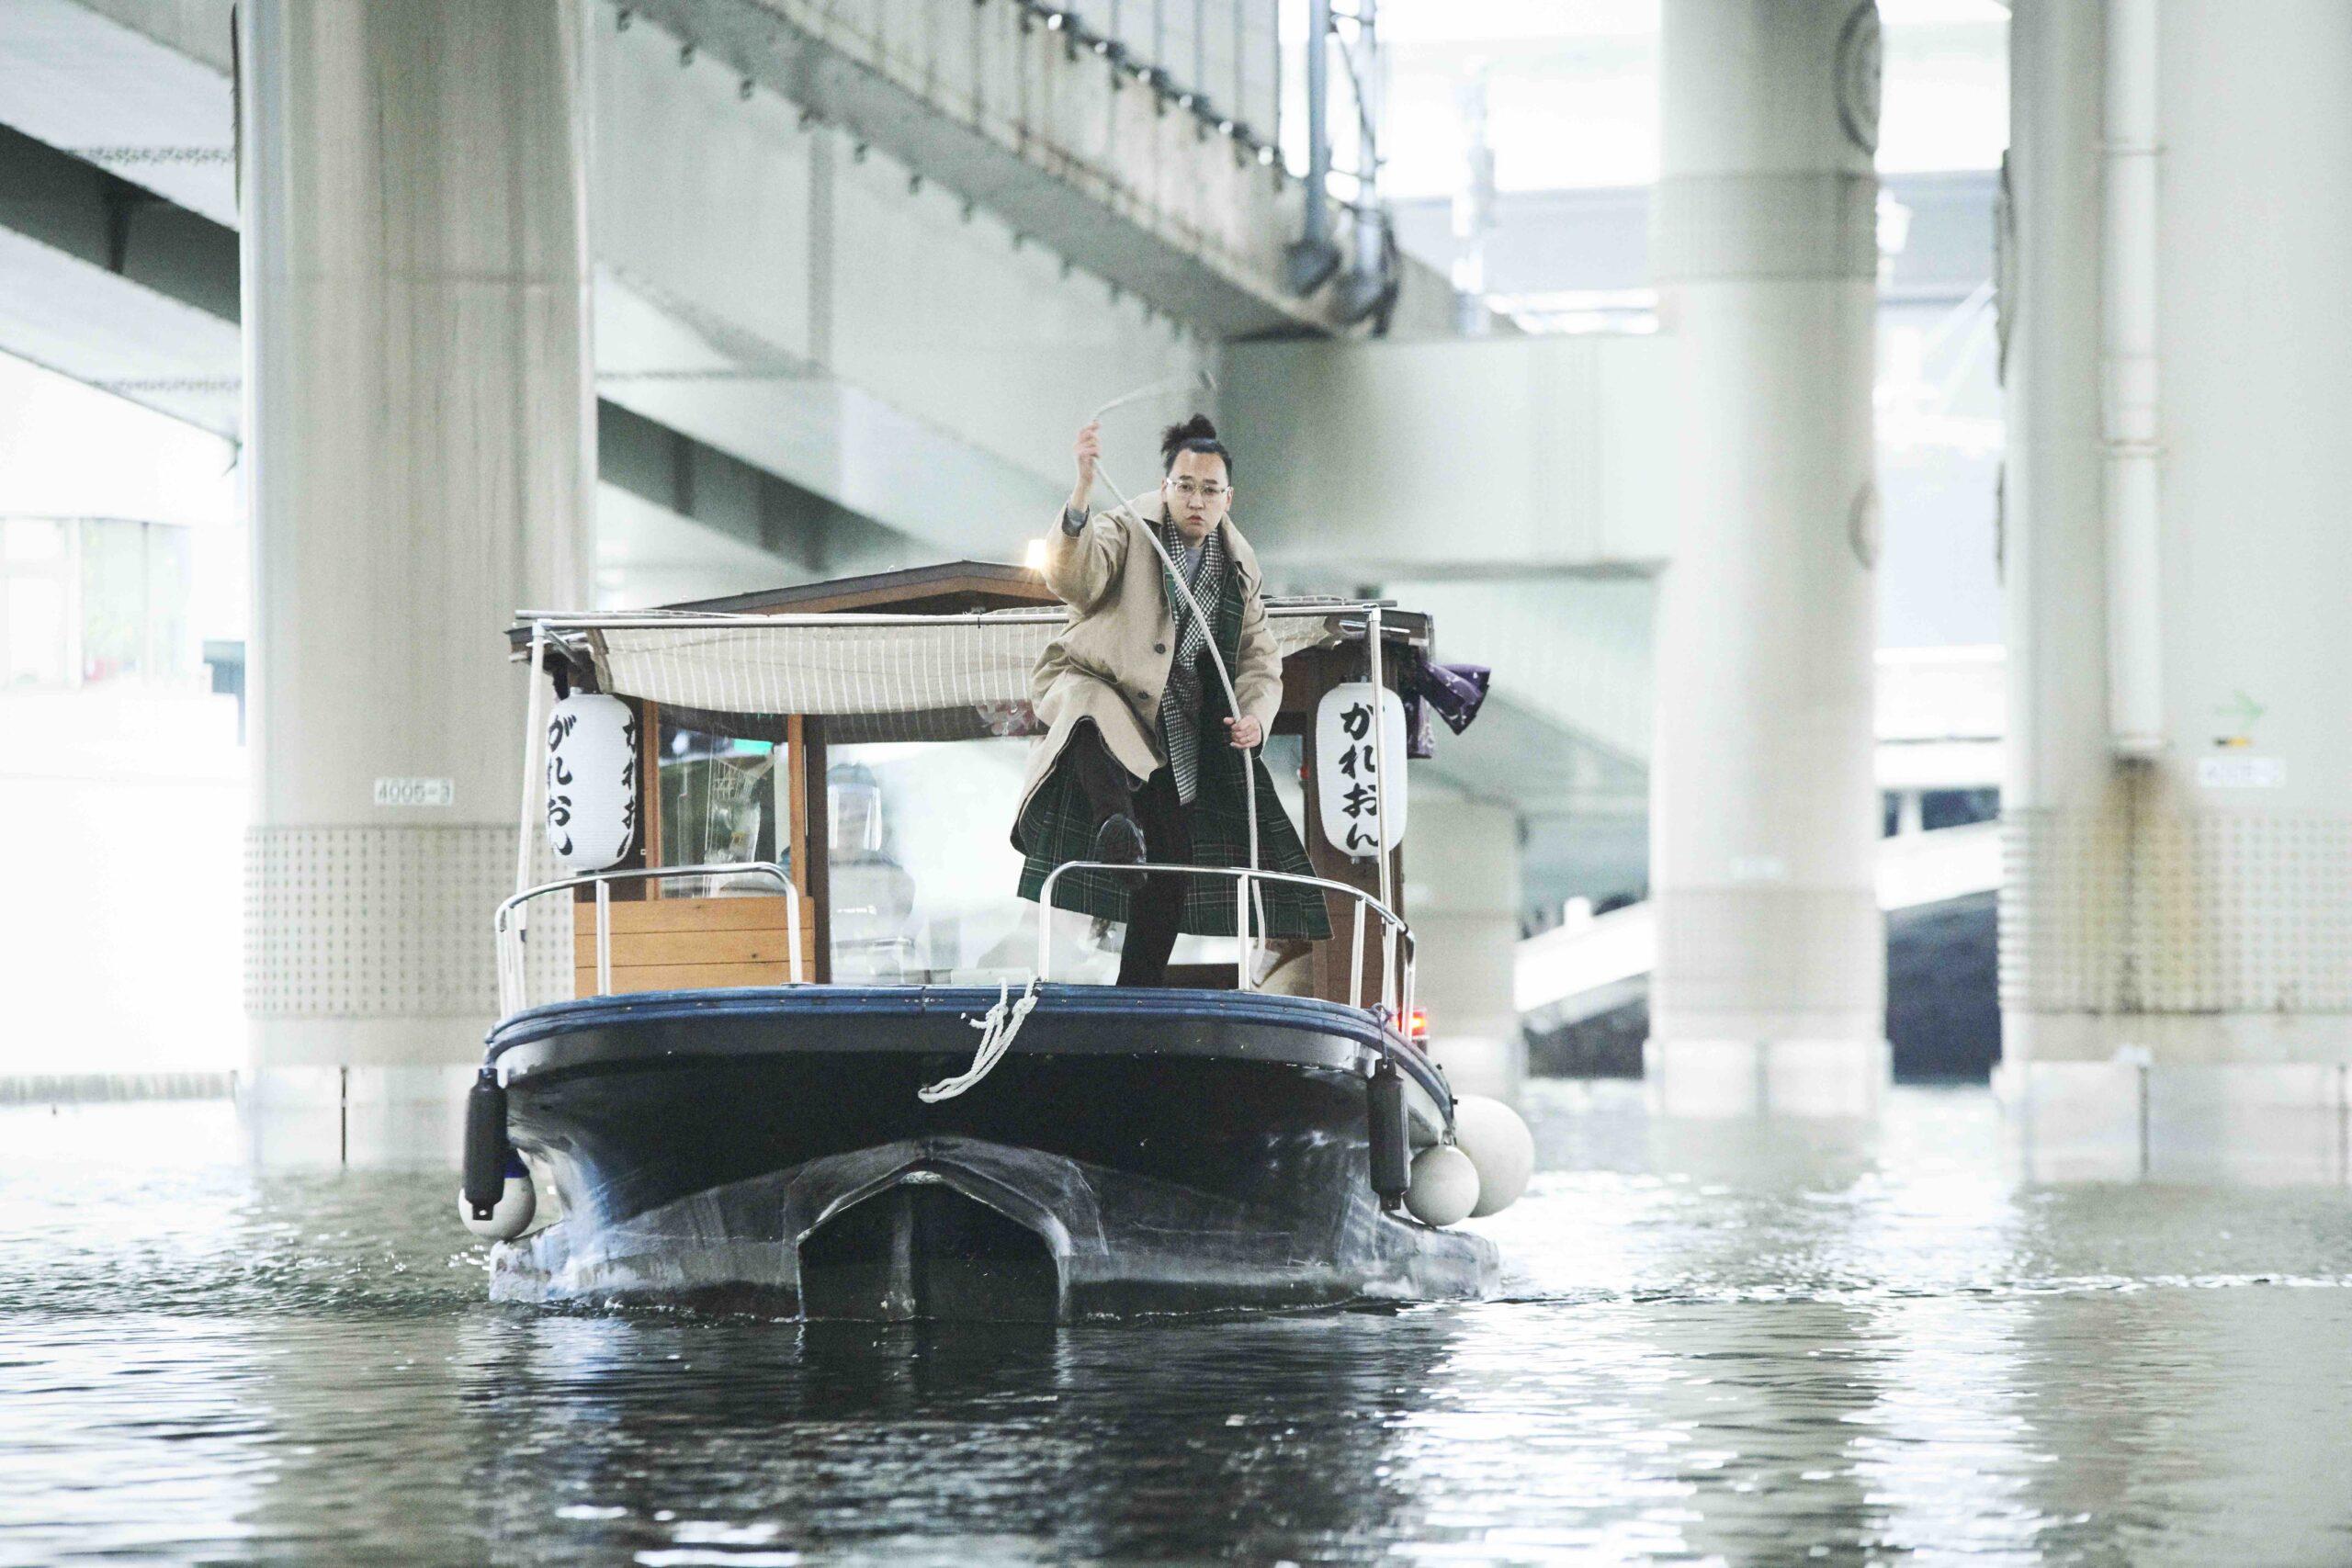 俳優・今井隆文が日本橋を再発見!お座敷舟に乗って水の都の歴史を辿る